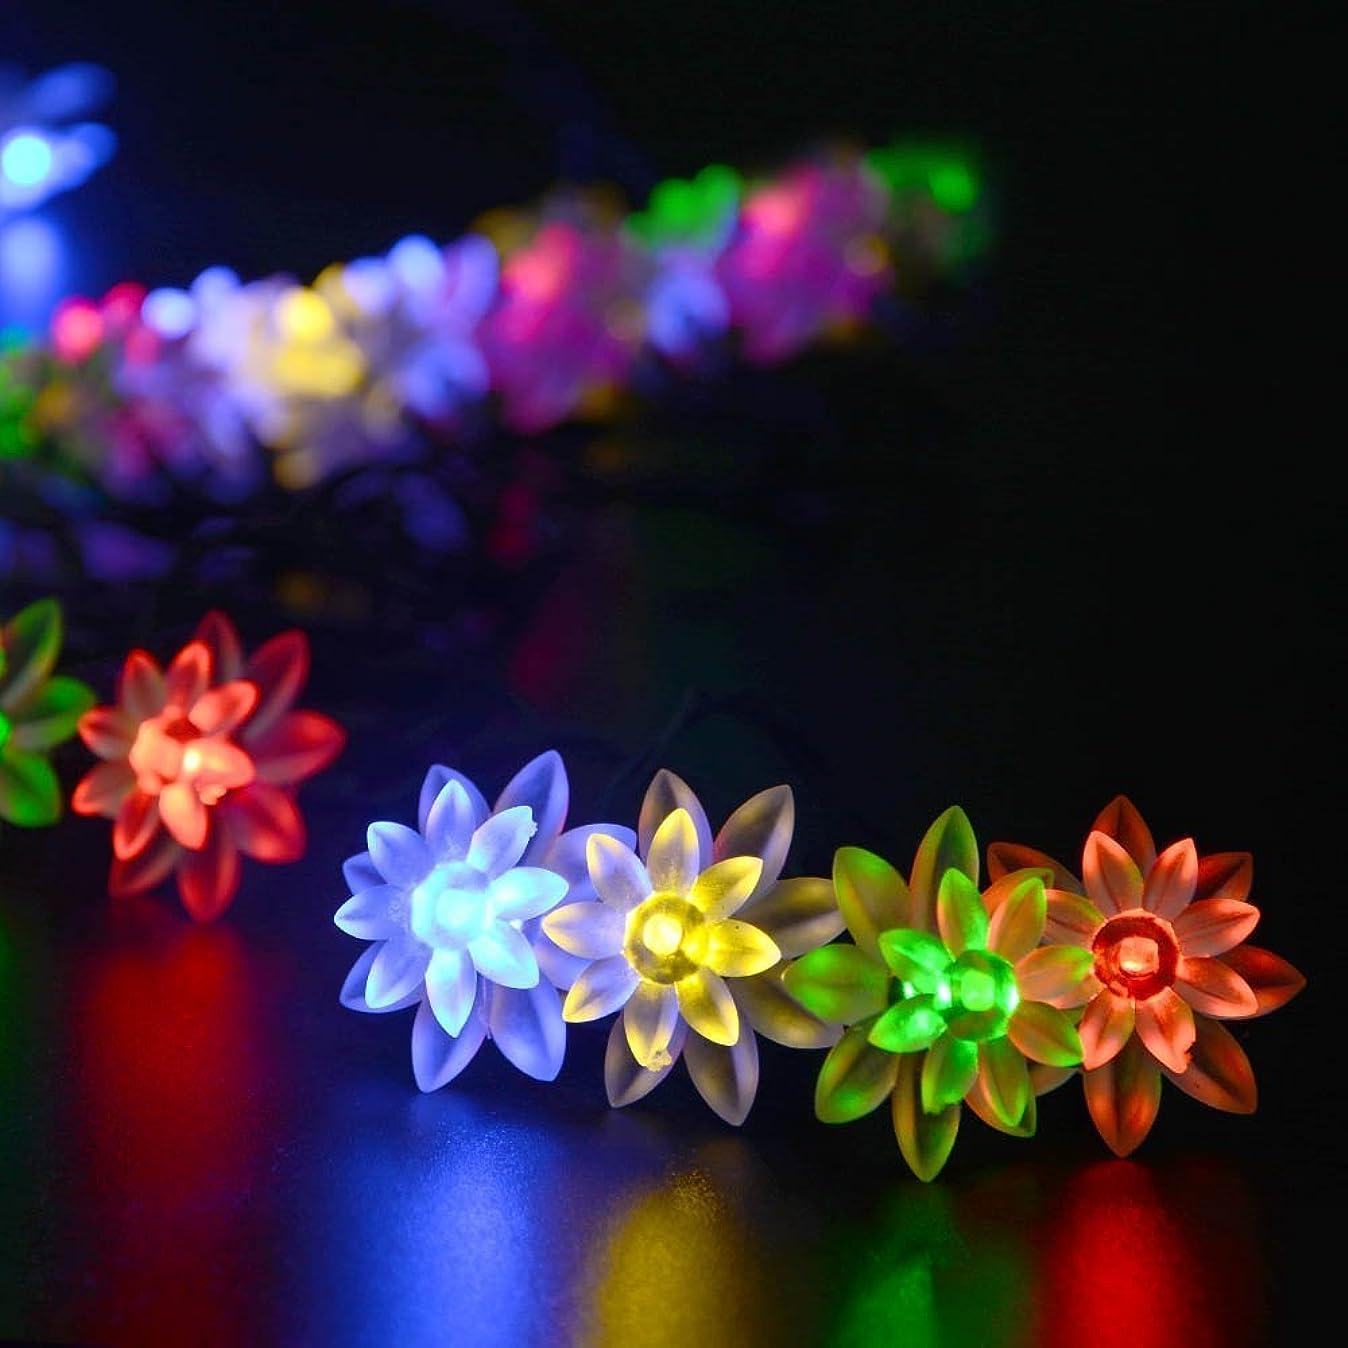 ボイド債権者スタンドリーダーテク(lederTEK) ソーラー 防雨防水型 カラー 蓮花形 電飾 イルミネーション LED 6m 30球 2点滅モデル クリスマス ガーデン ライト 新年 飾り付け